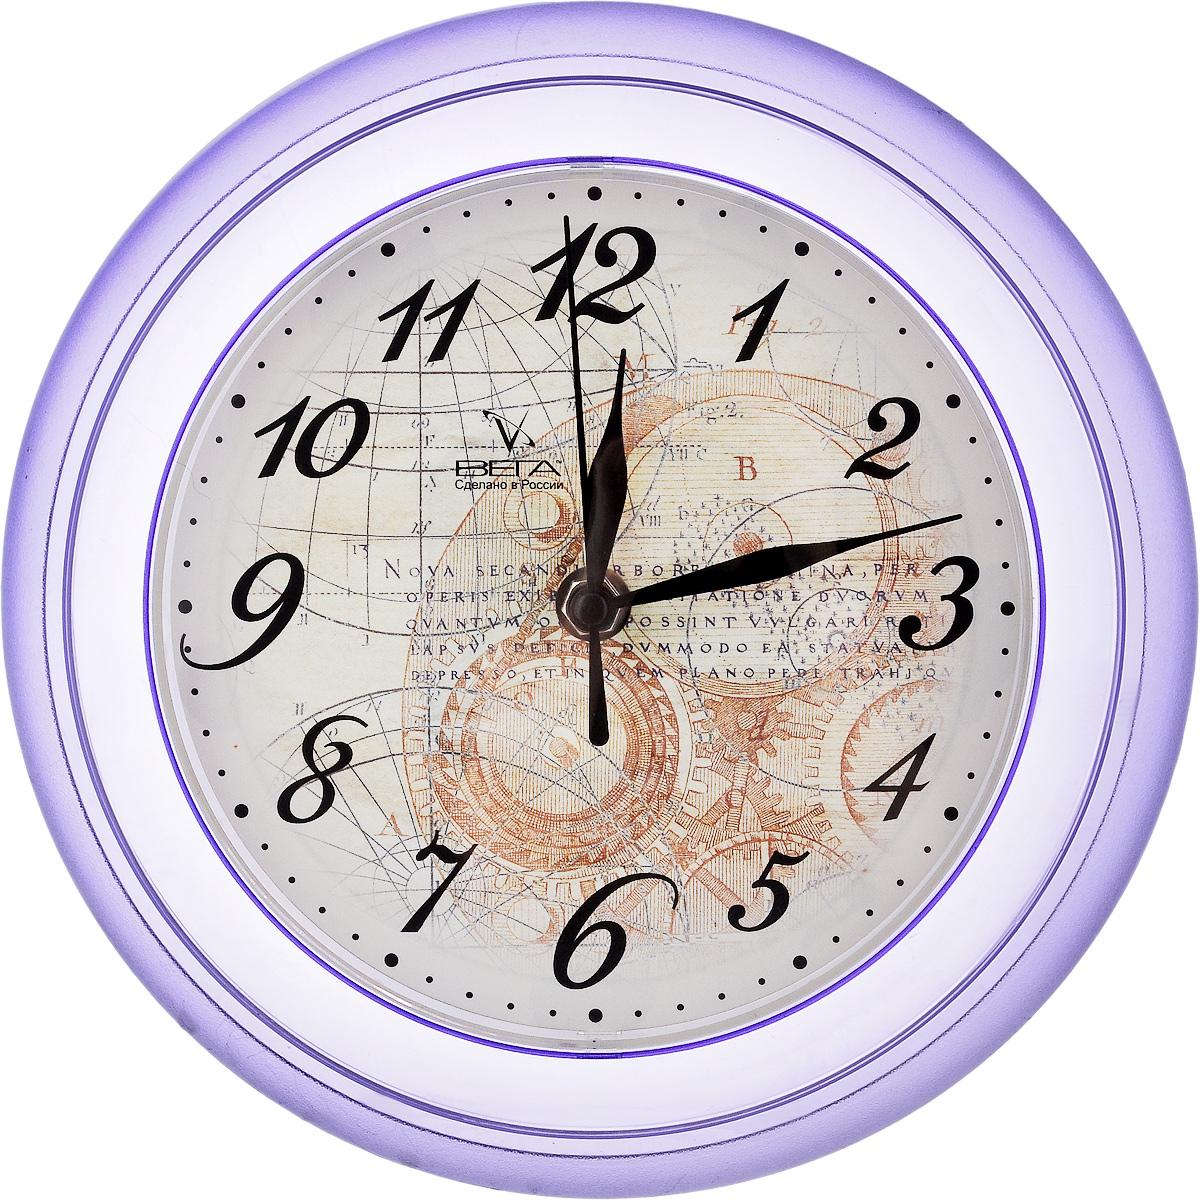 Часы настенные Вега Географические, диаметр 22,5 смП6-13-13Настенные кварцевые часы Вега Географические в классическом дизайне, изготовленные из пластика, прекрасно впишутся в интерьер вашего дома. Круглые часы имеют три стрелки: часовую, минутную и секундную, циферблат защищен прозрачным стеклом. Часы работают от 1 батарейки типа АА напряжением 1,5 В (не входит в комплект). Диаметр часов: 22,5 см.